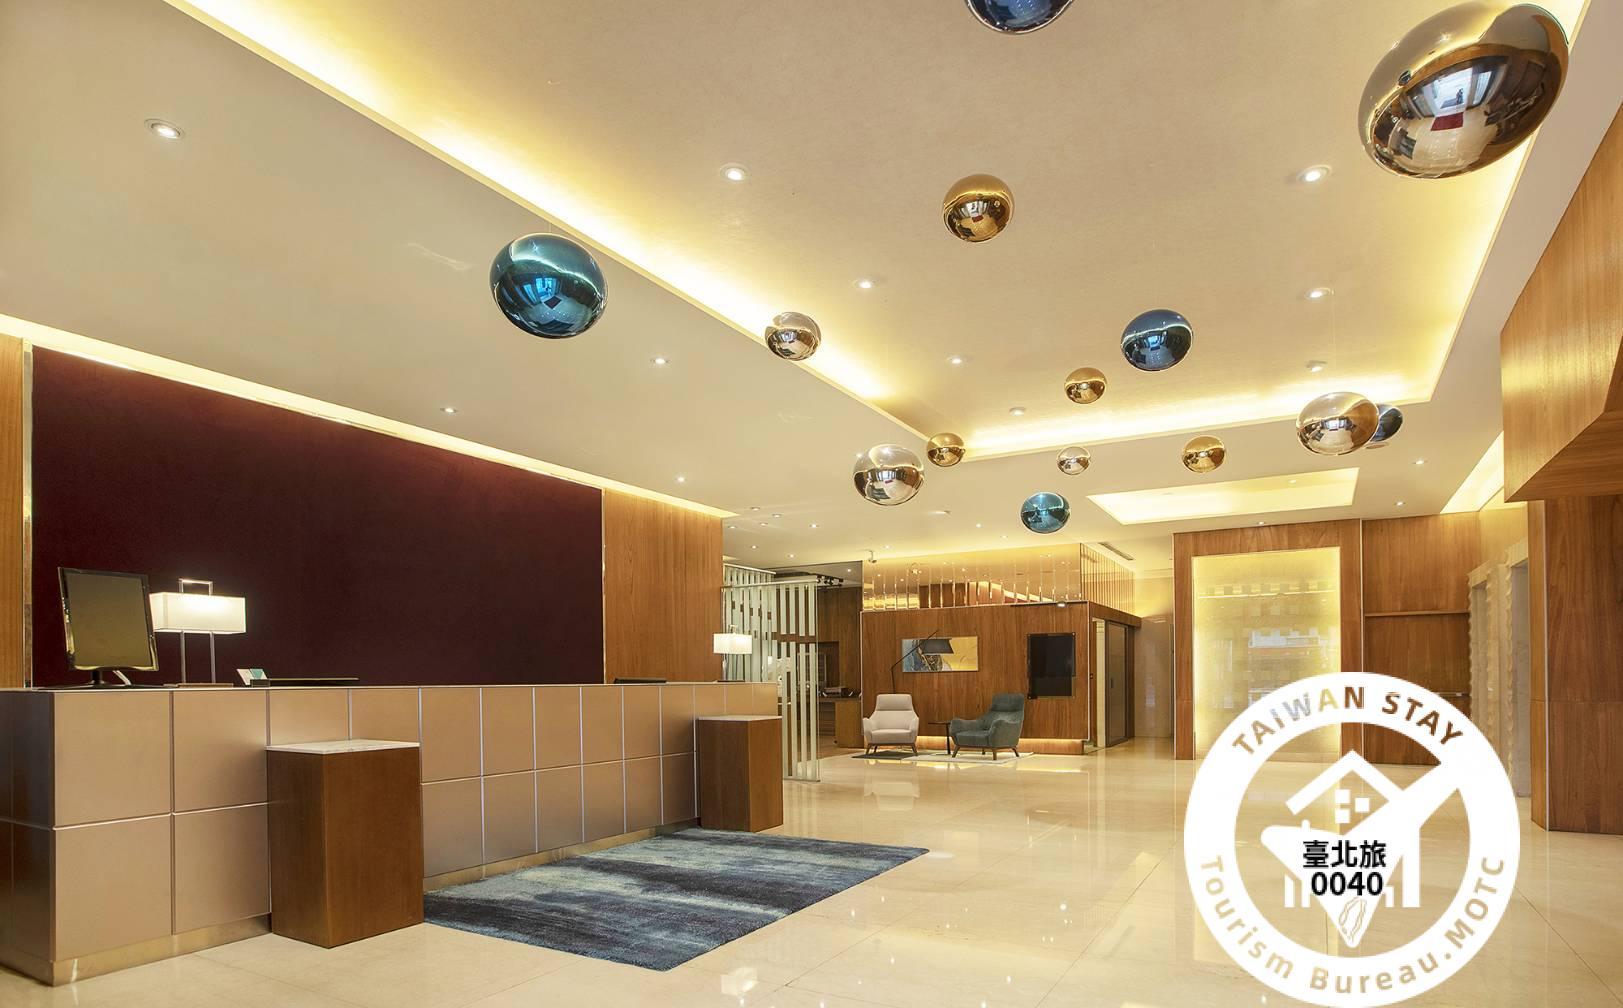 諾帝克商務國際飯店